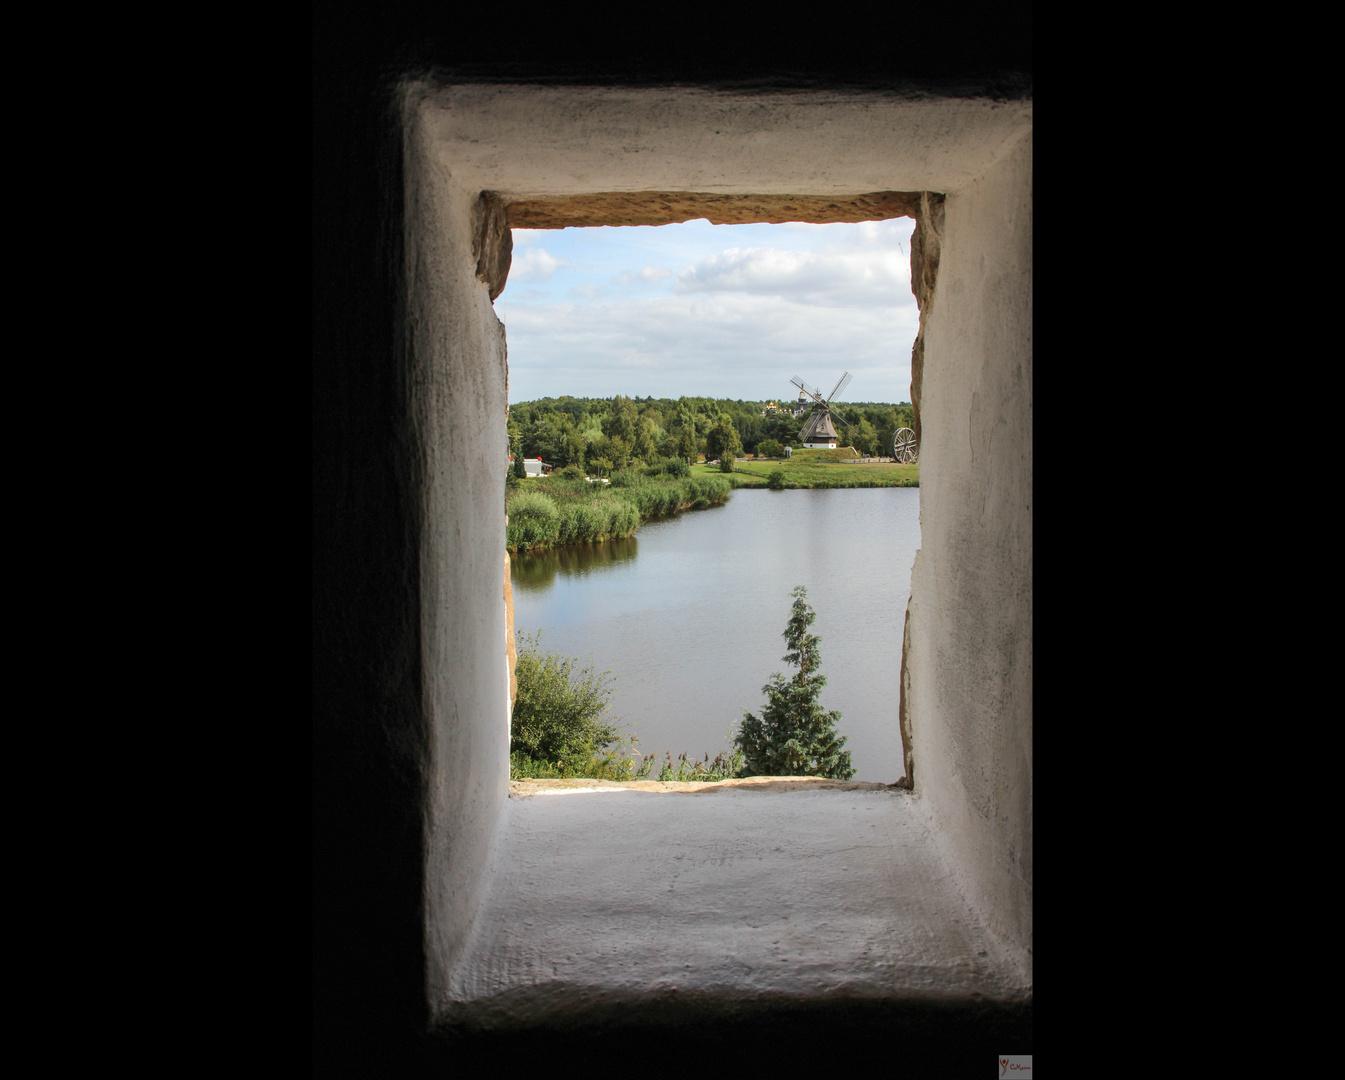 Der Blick durchs Fenster...